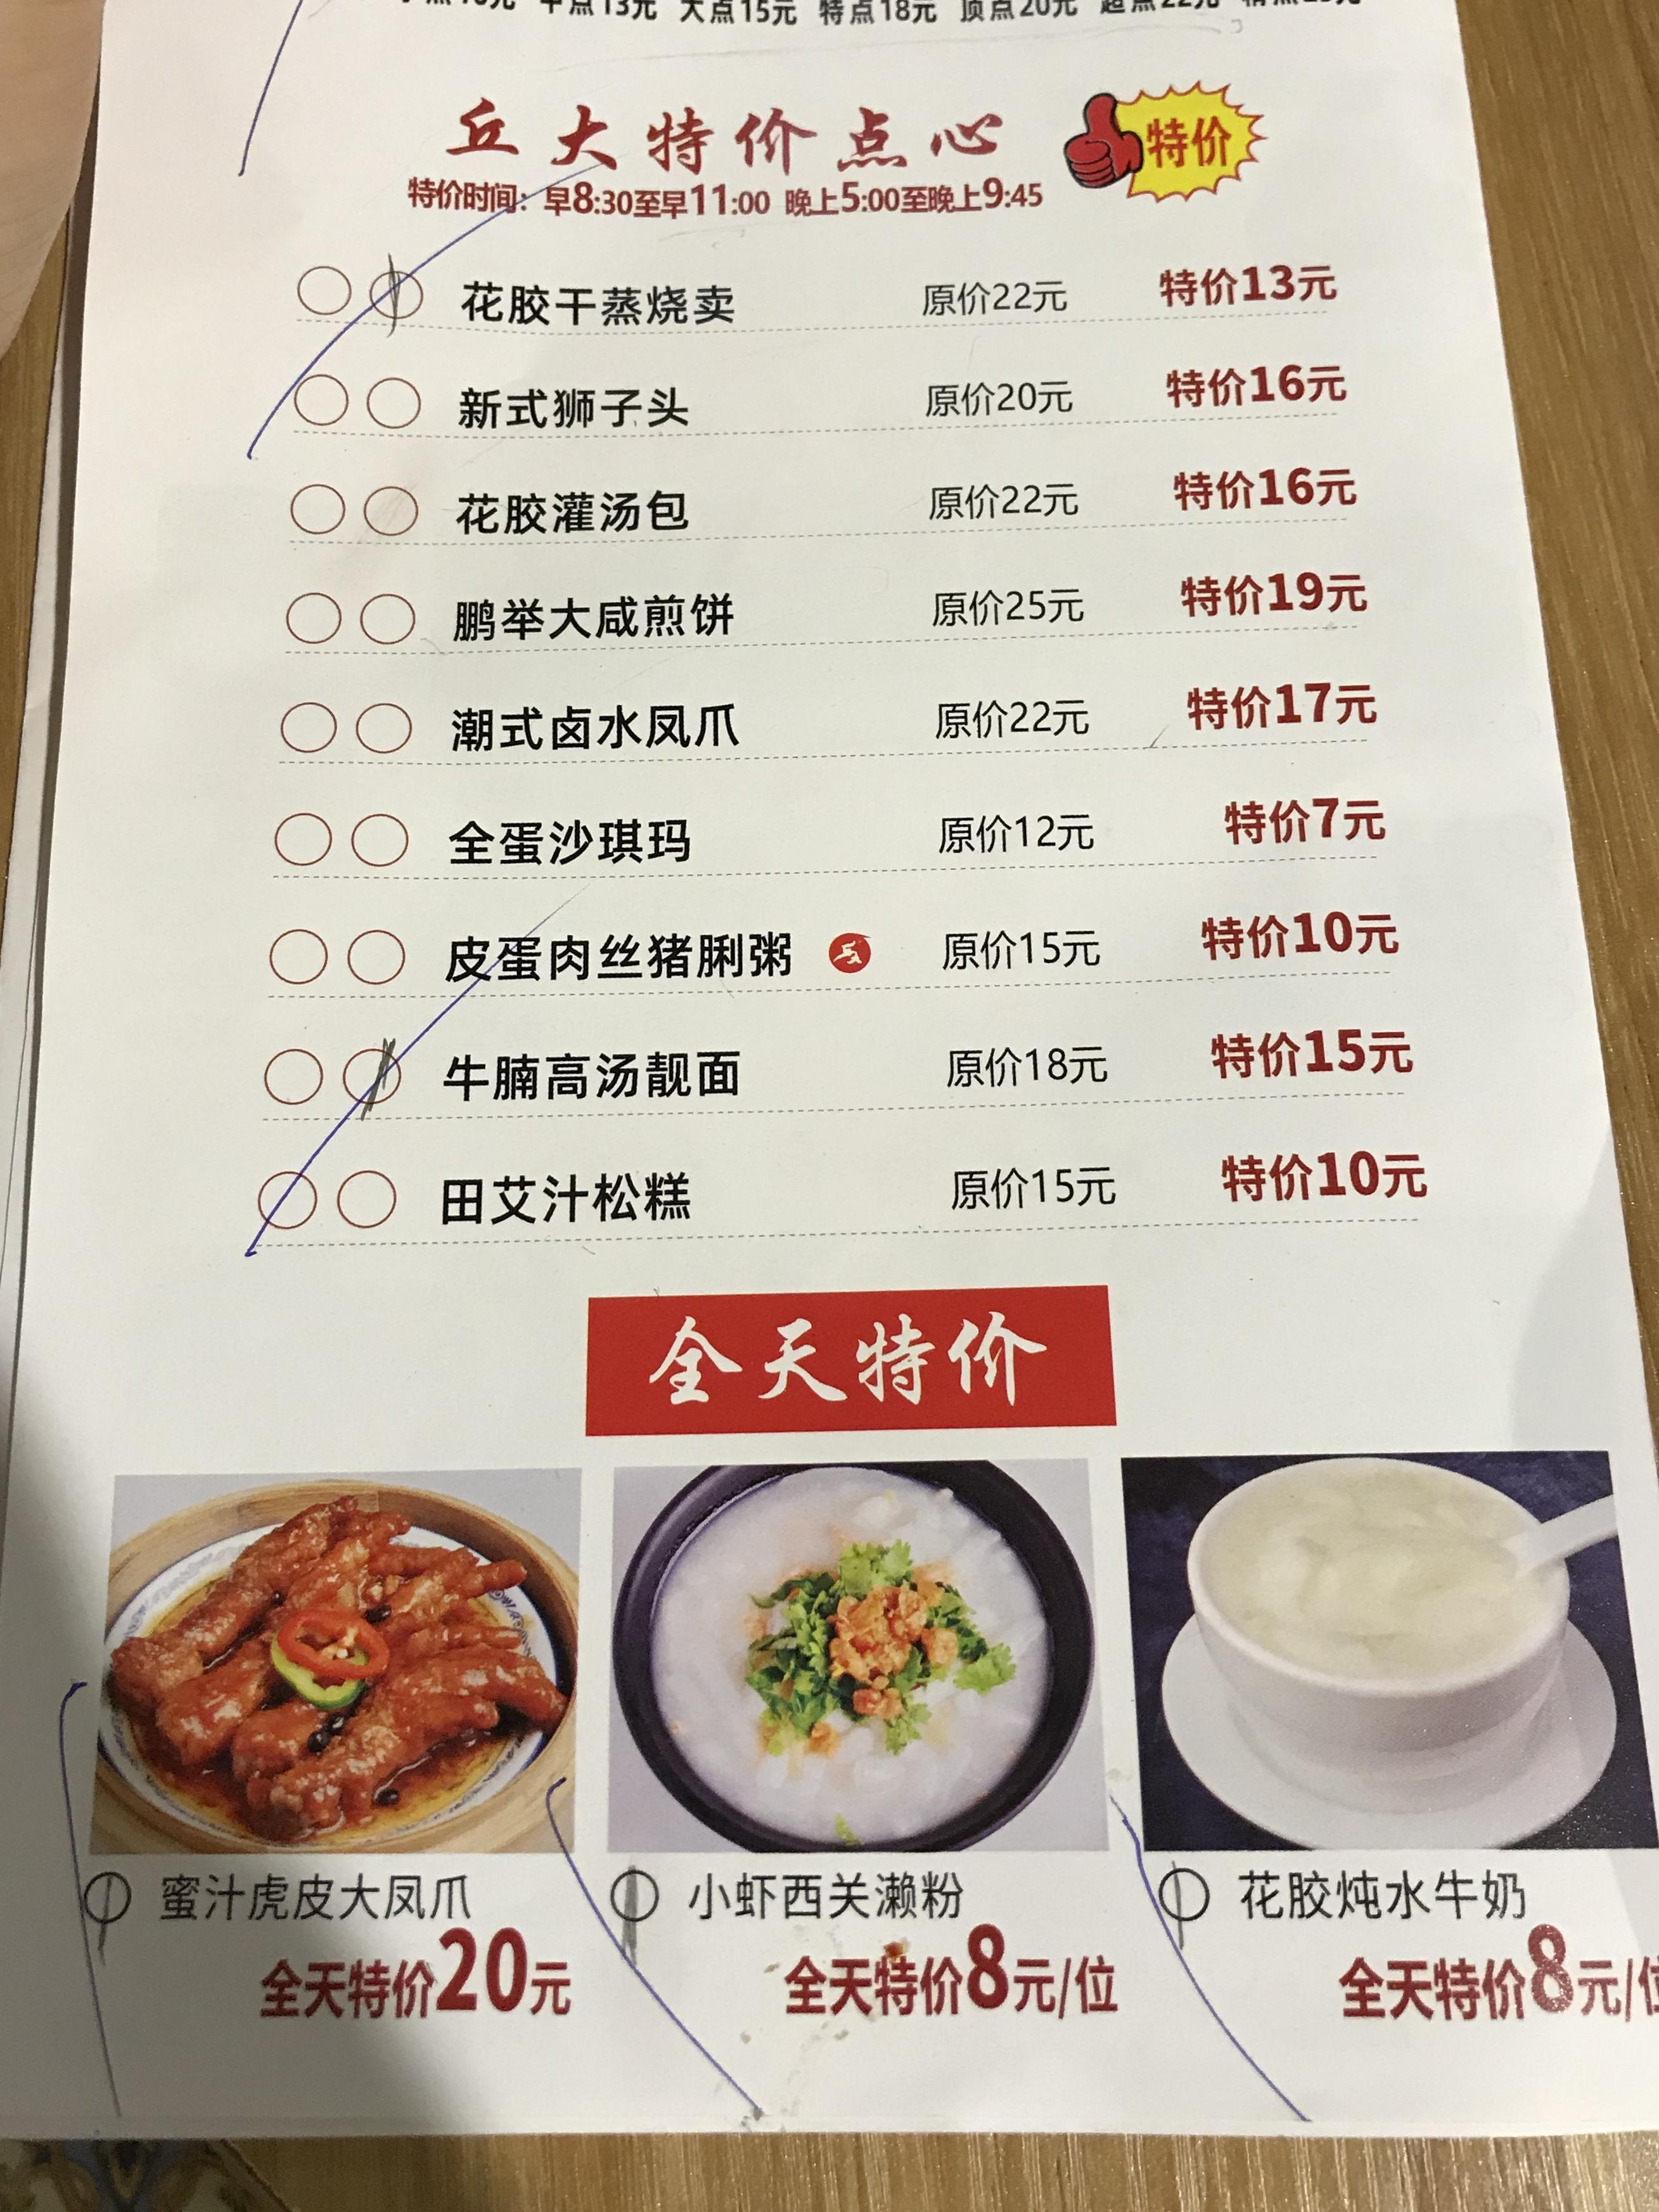 人均65平价白天鹅!9蚊食花胶炖奶